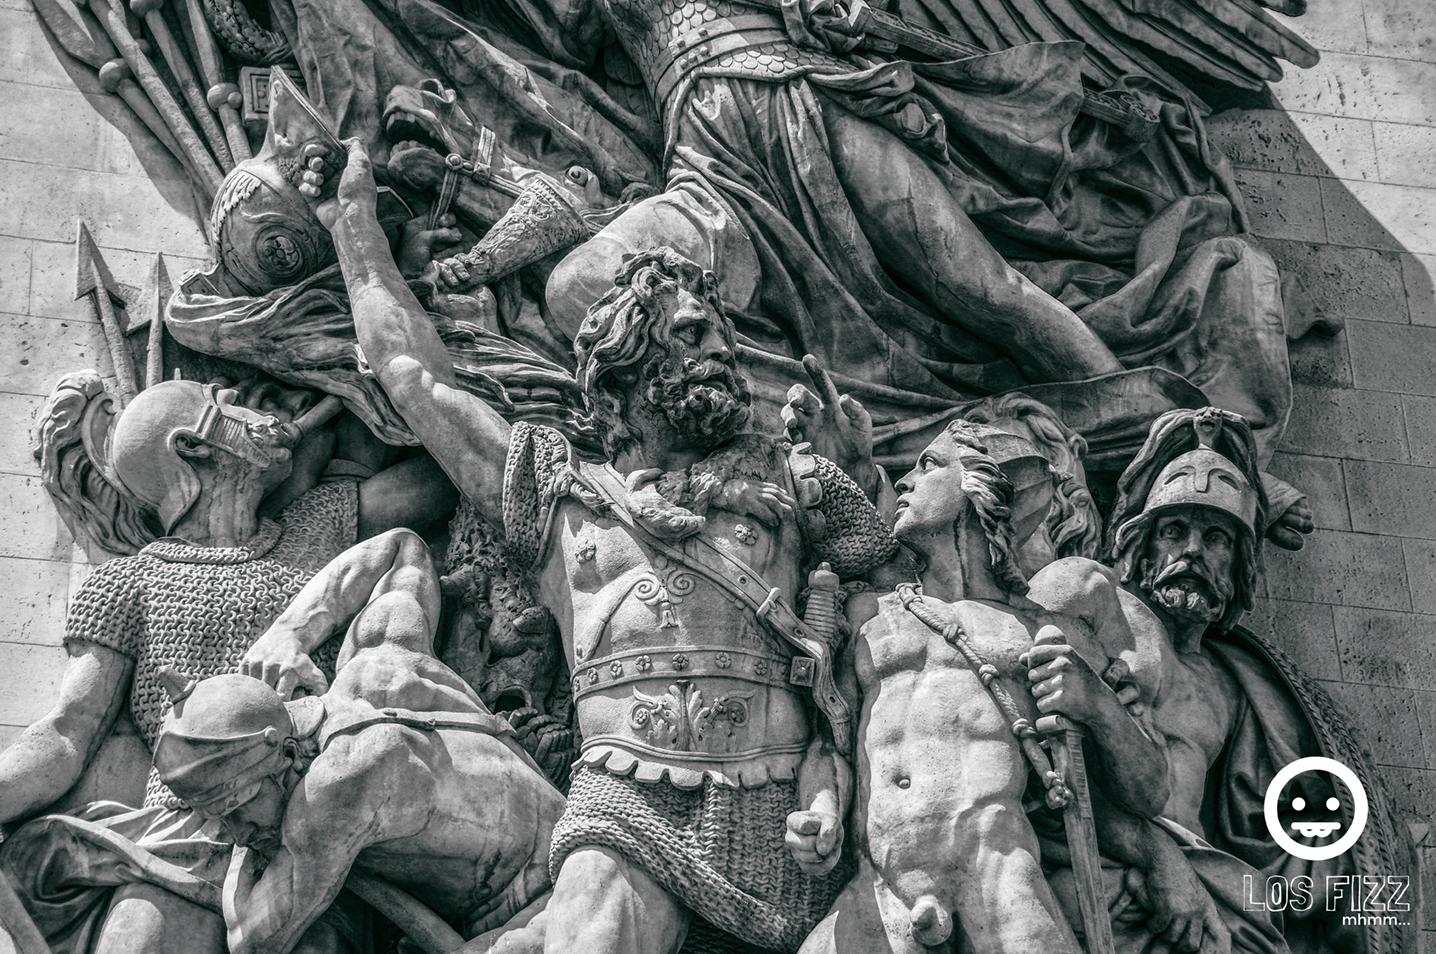 Le Depart de 1792 statue on the Arc De Triomphe in Paris, France. Photo By LosFizz.